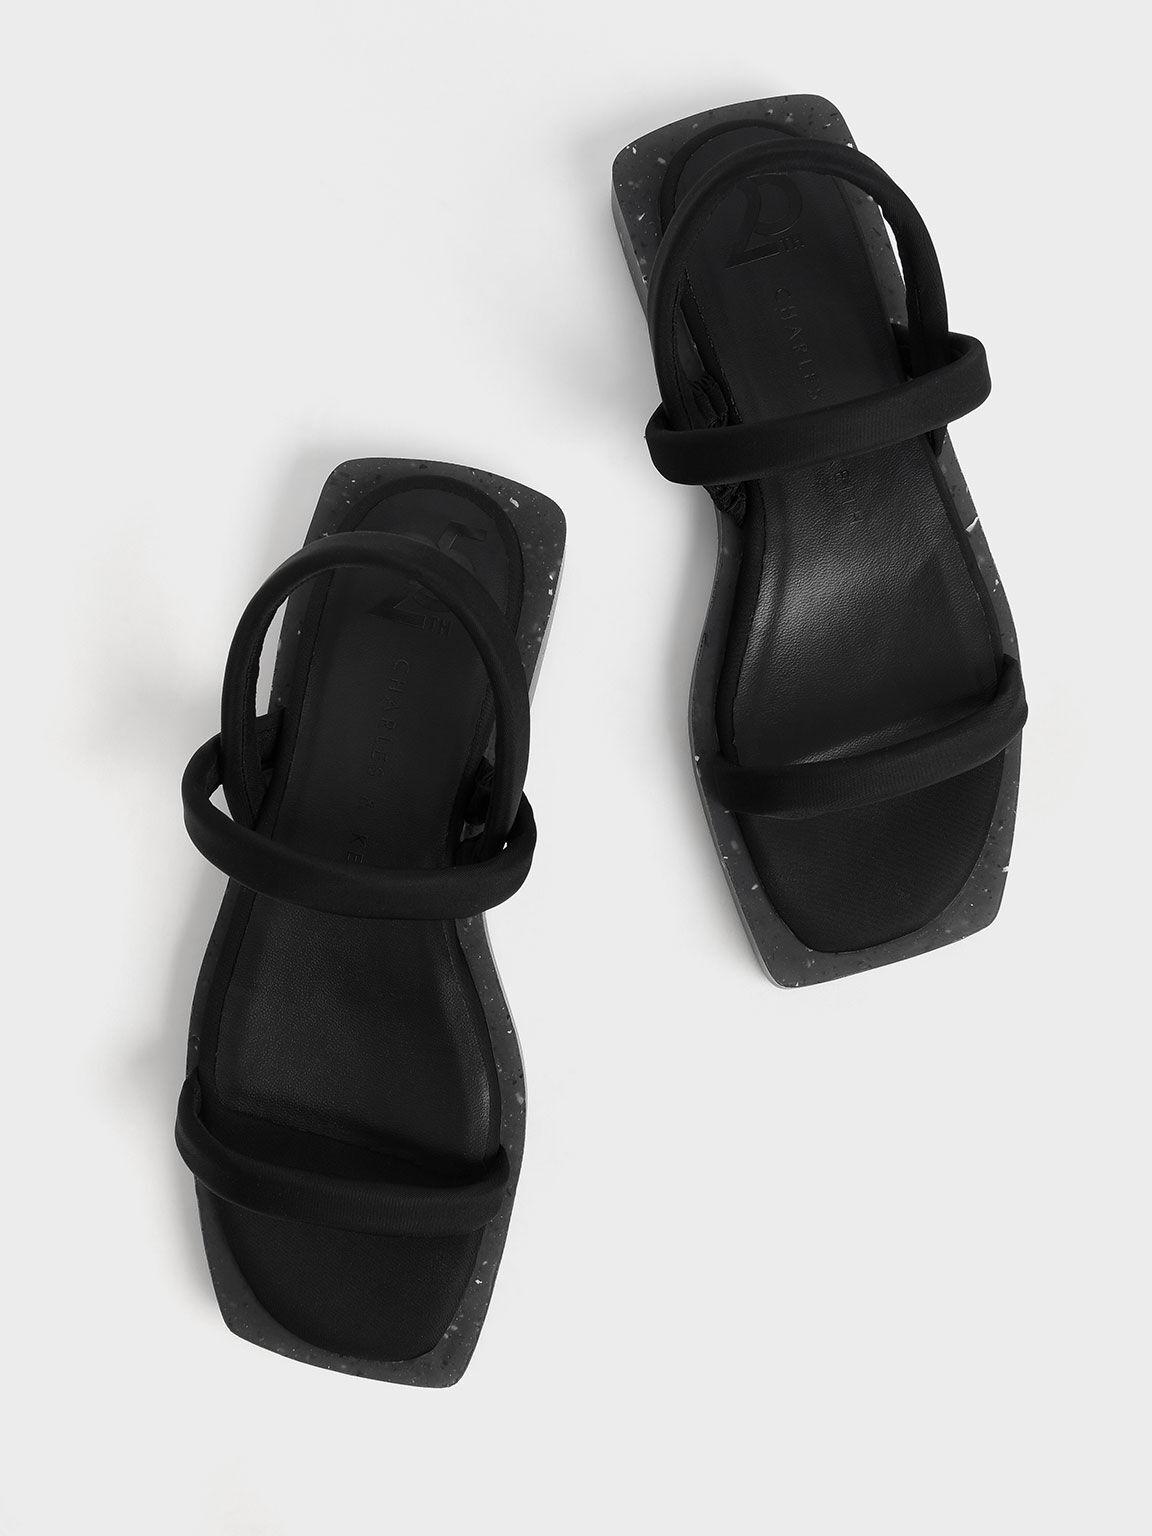 週年限定款:Arabella 尼龍一字涼鞋, 黑色, hi-res